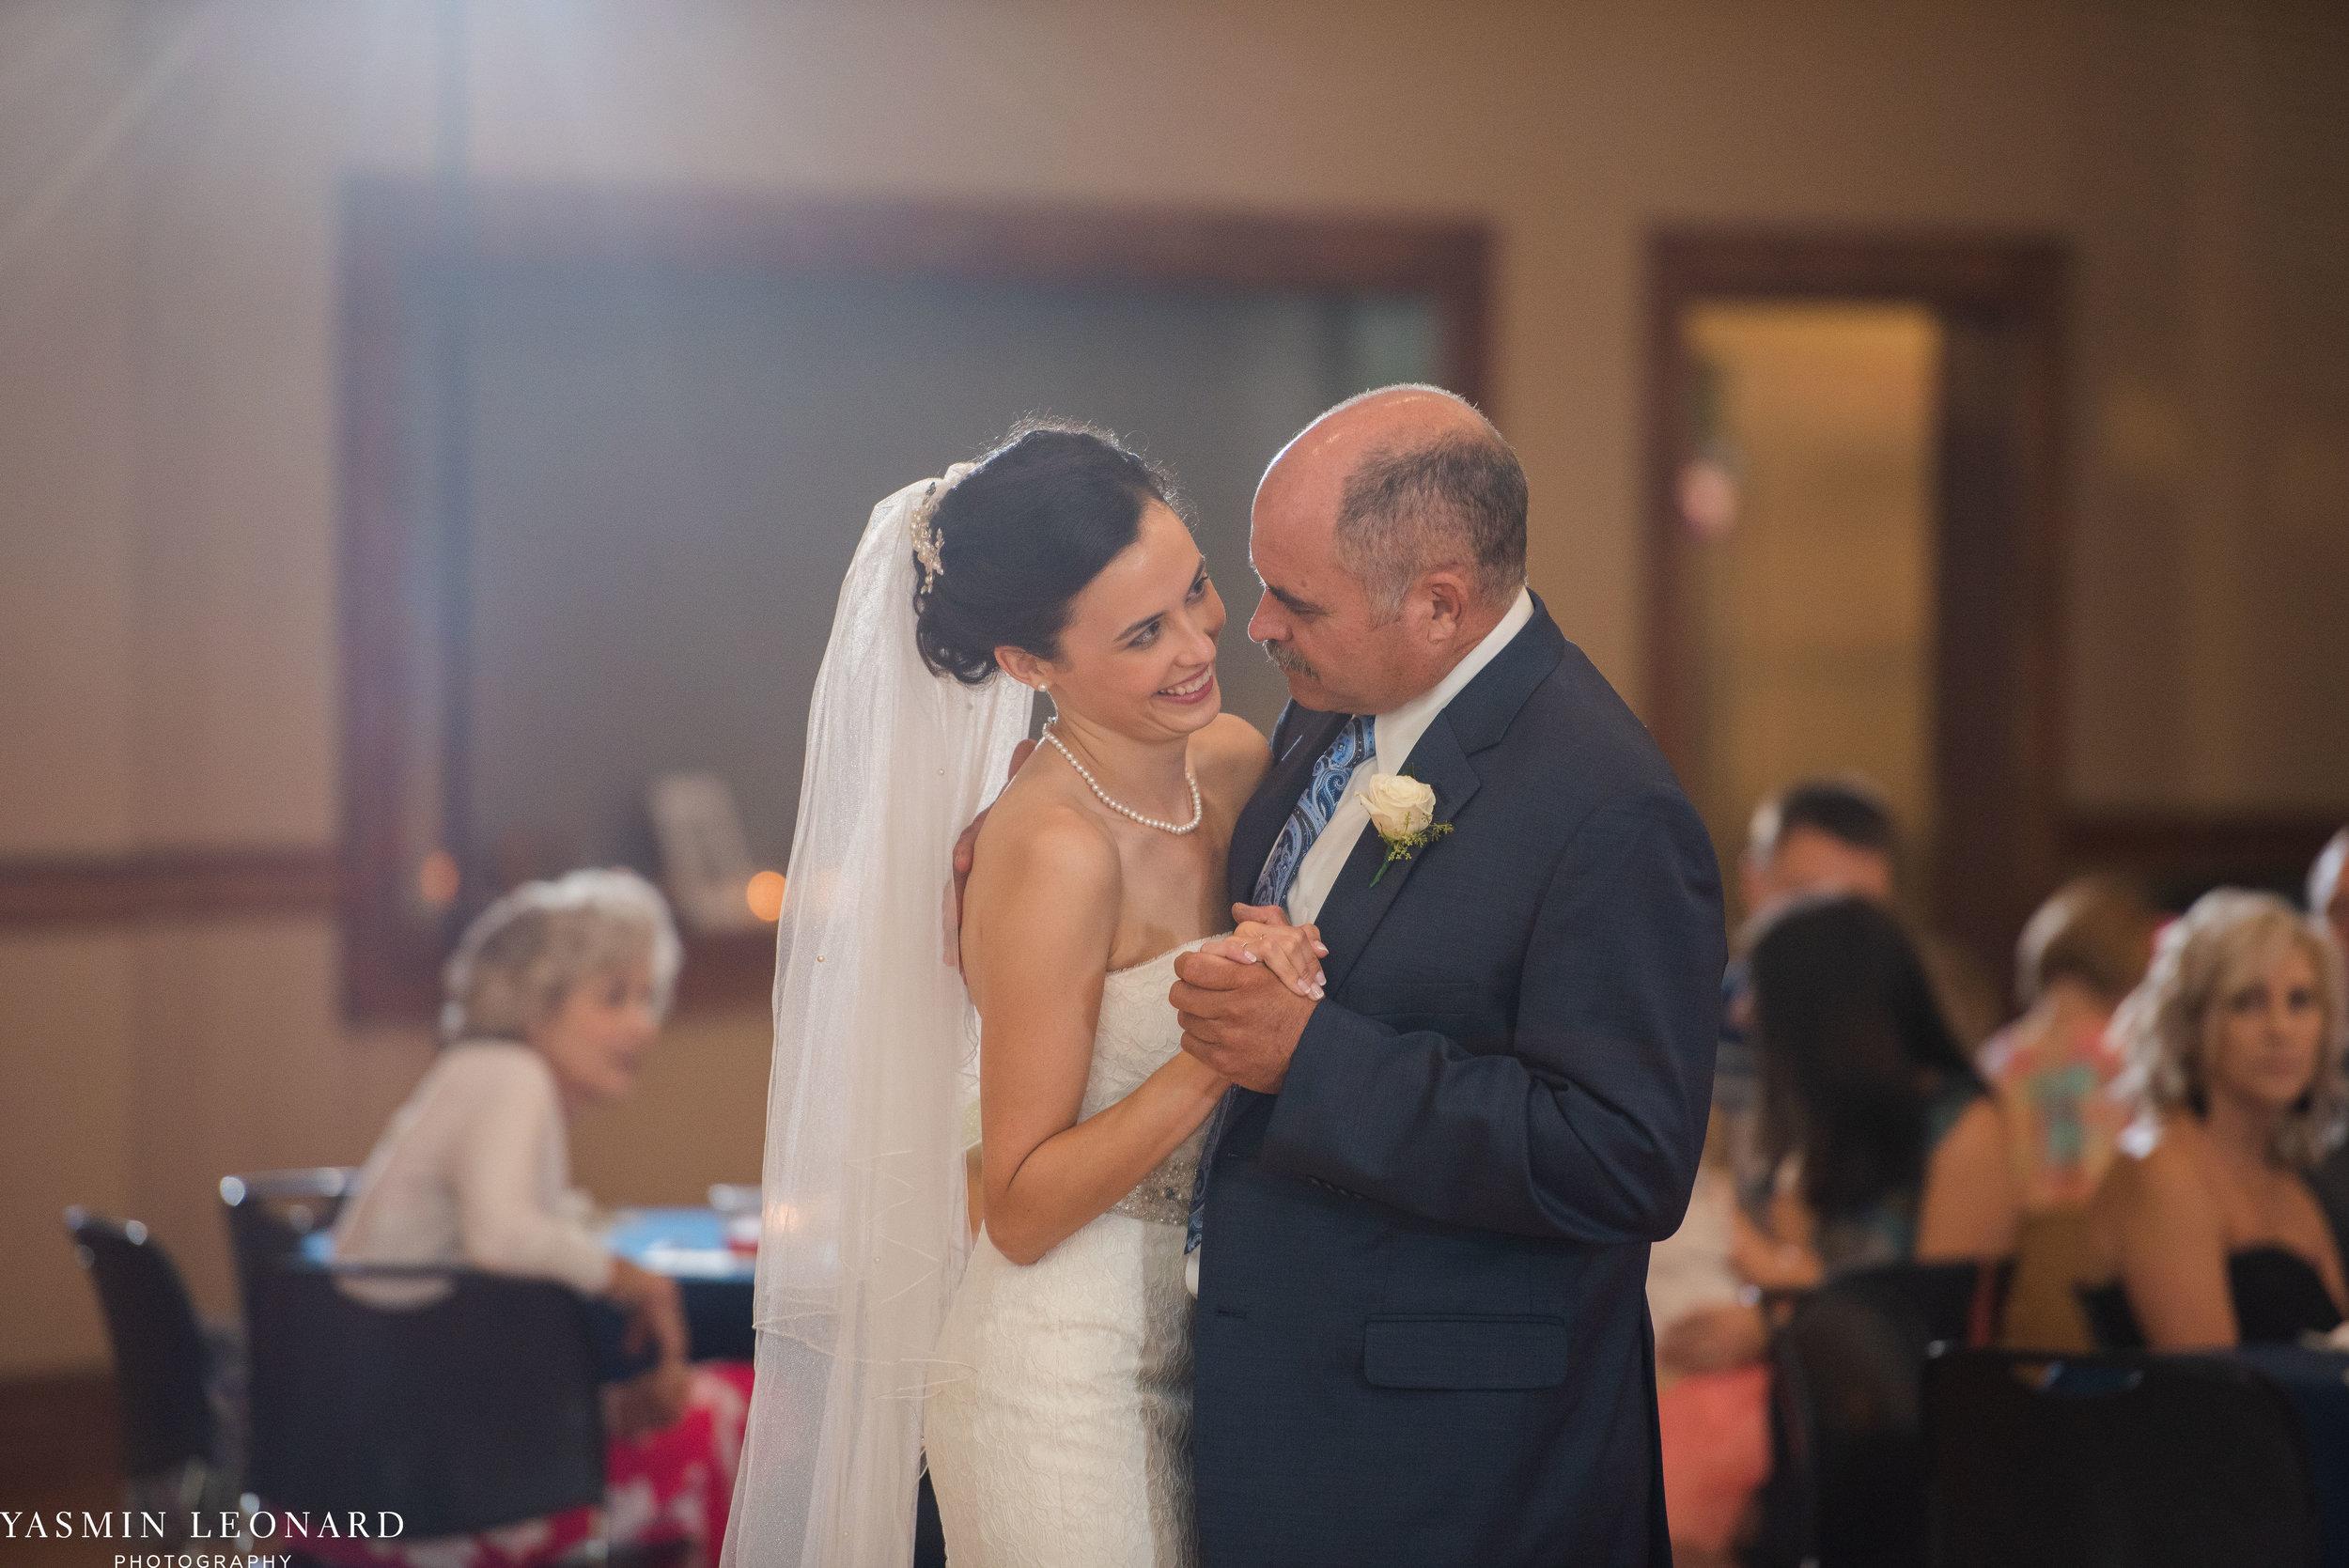 Mt. Pleasant Church - Church Wedding - Traditional Wedding - Church Ceremony - Country Wedding - Godly Wedding - NC Wedding Photographer - High Point Weddings - Triad Weddings - NC Venues-51.jpg